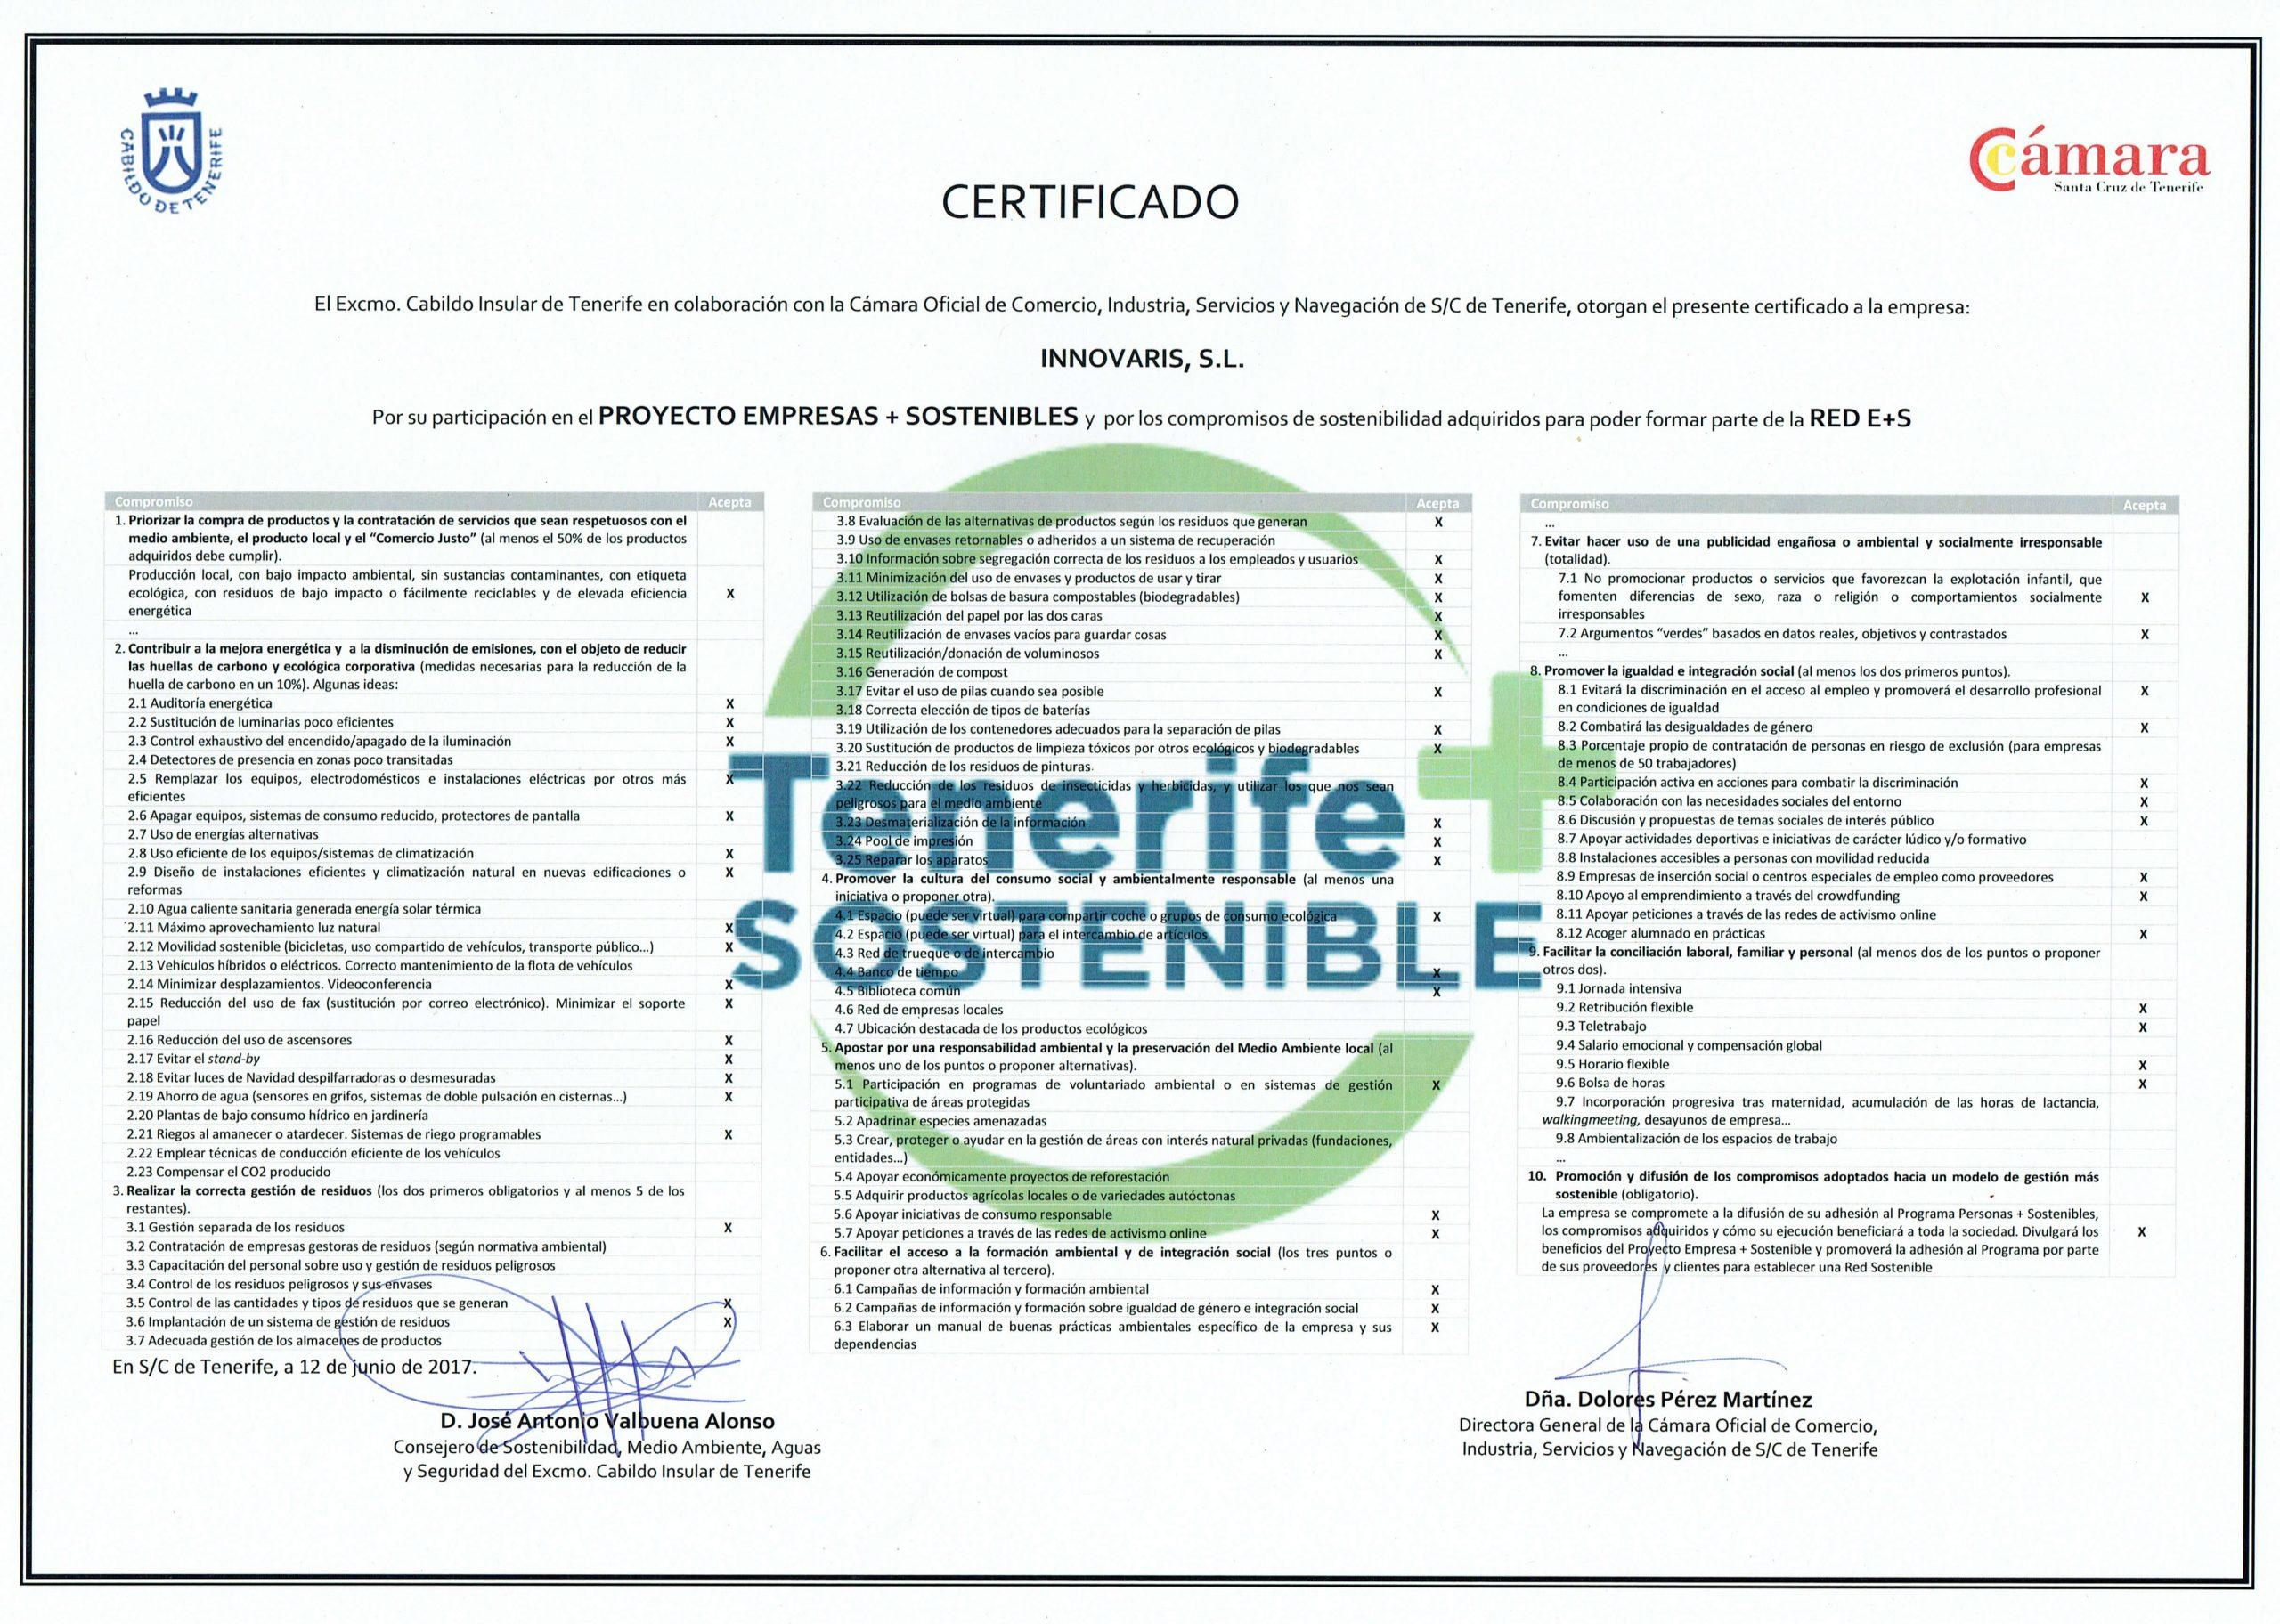 Certificado Empresas + Sostenibles Tenerife